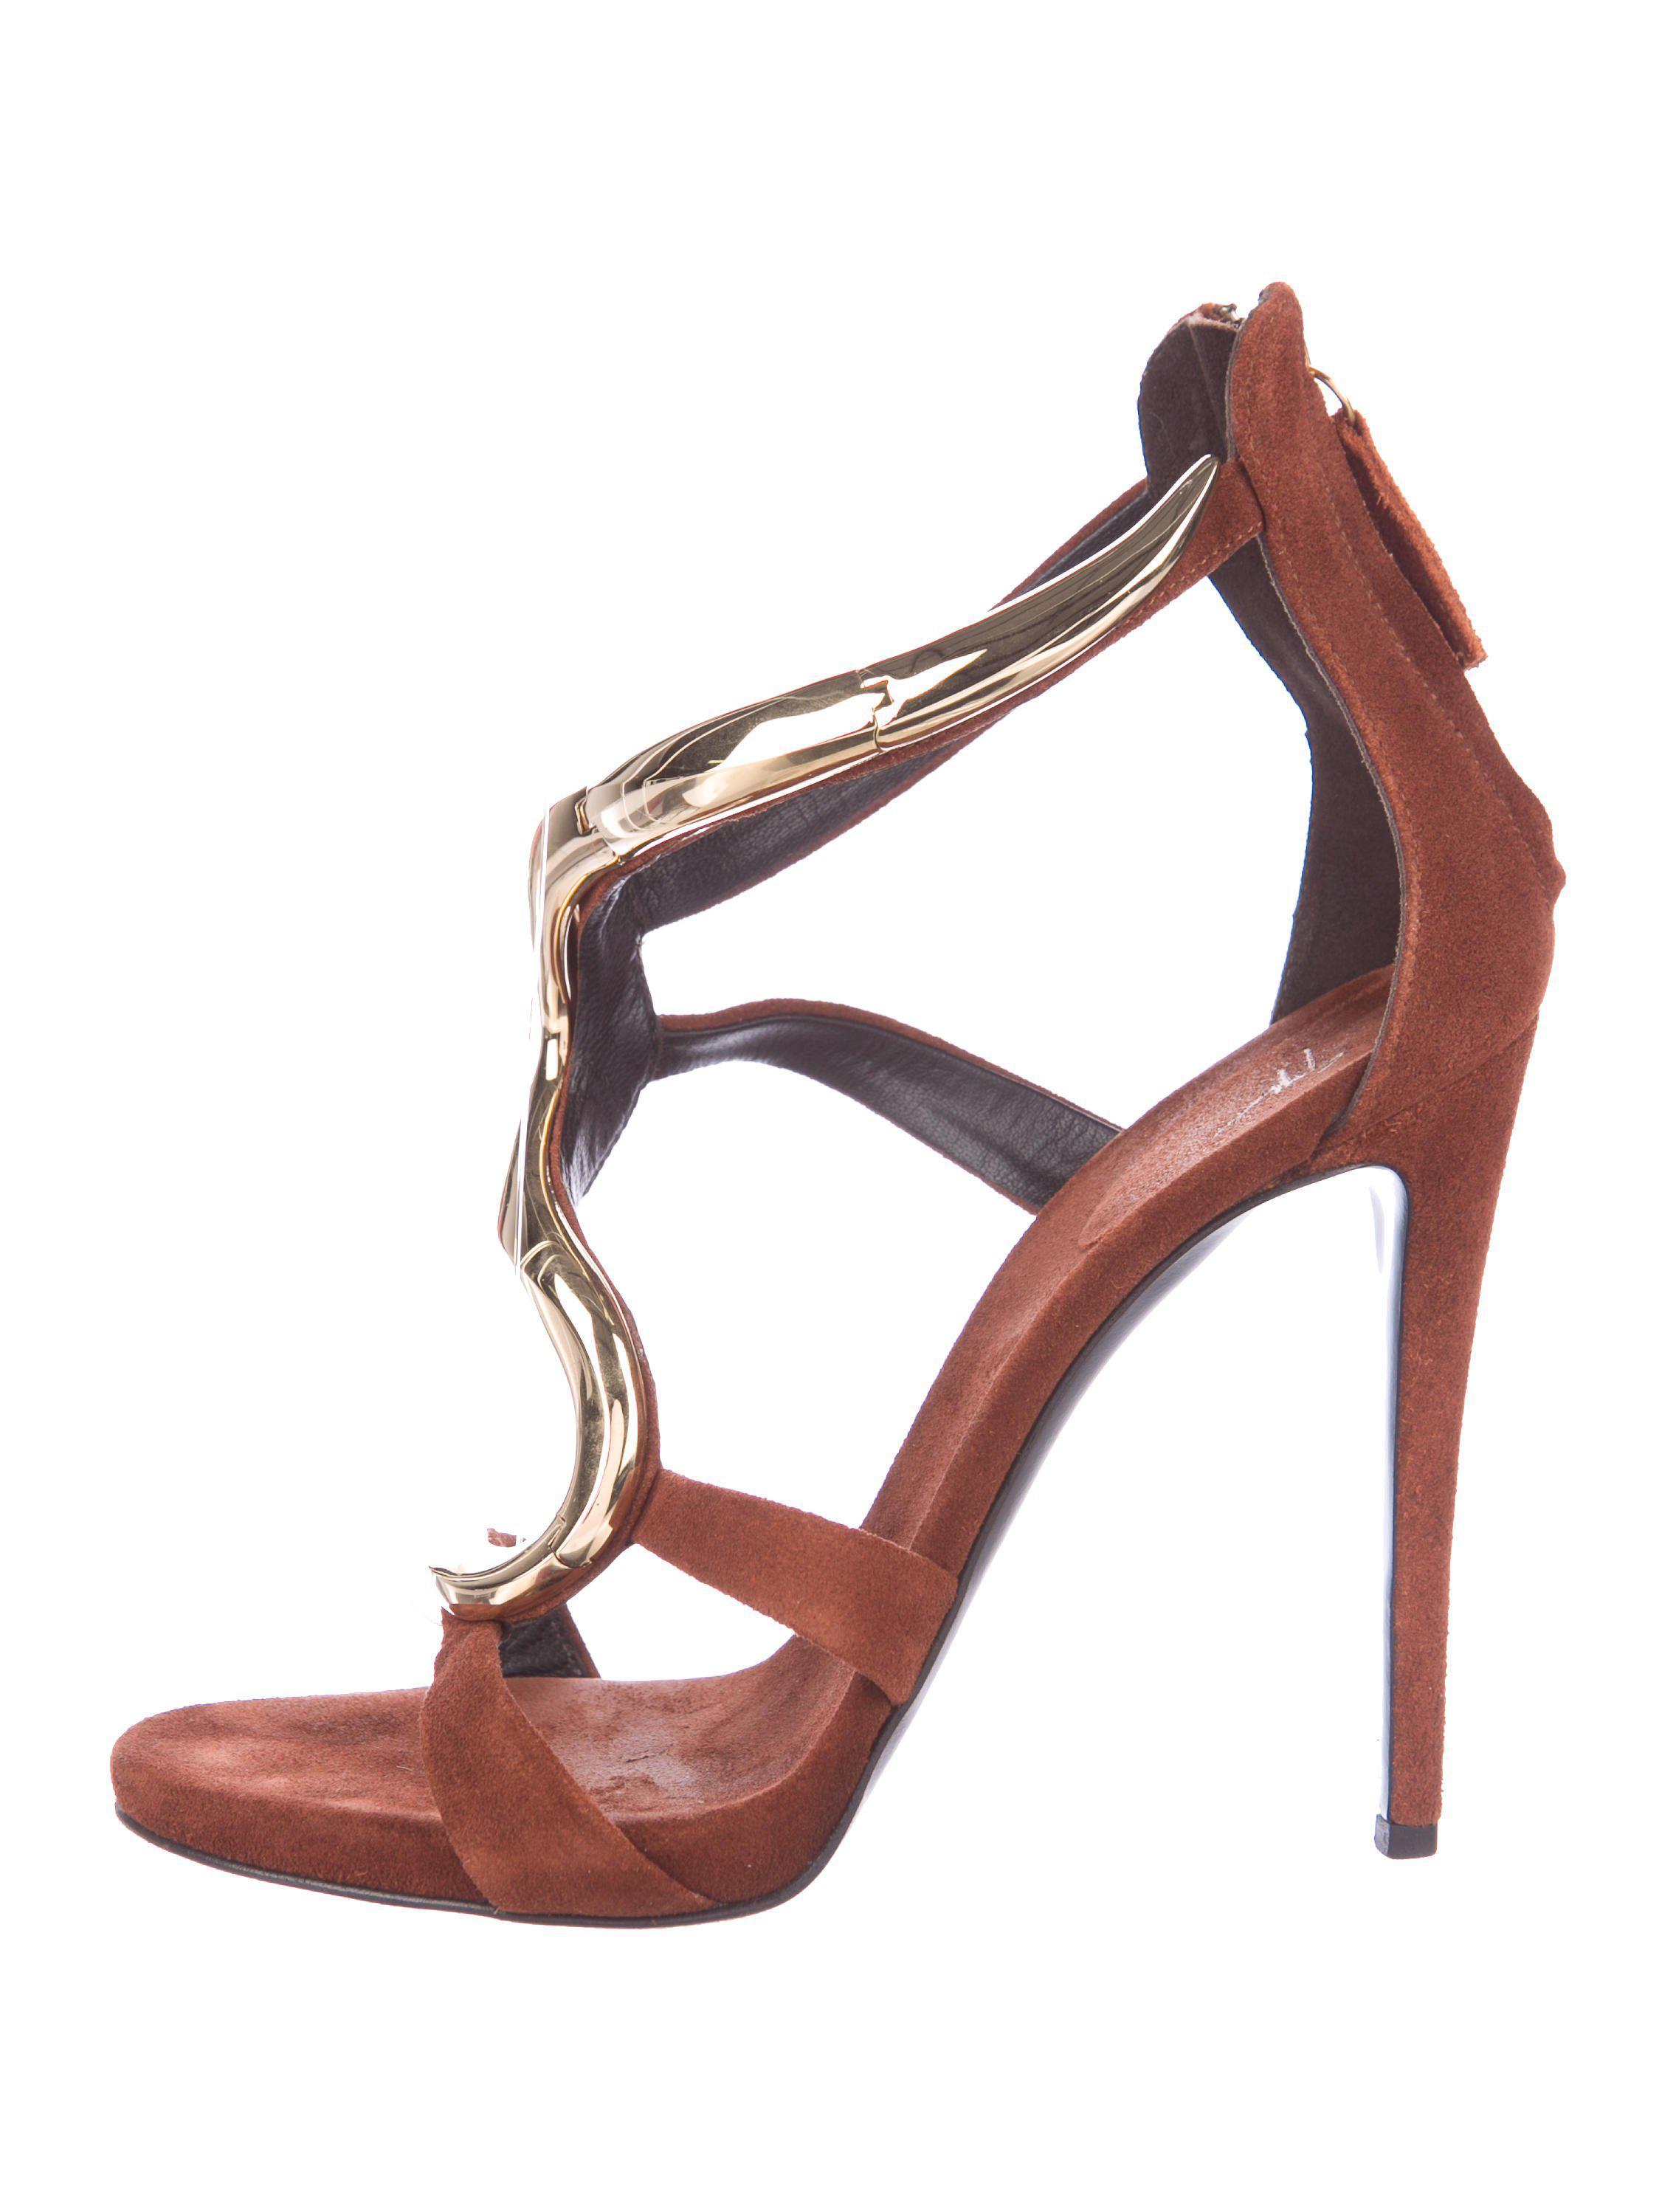 2e194624da Lyst - Giuseppe Zanotti Suede Embellished Sandals Brown in Metallic